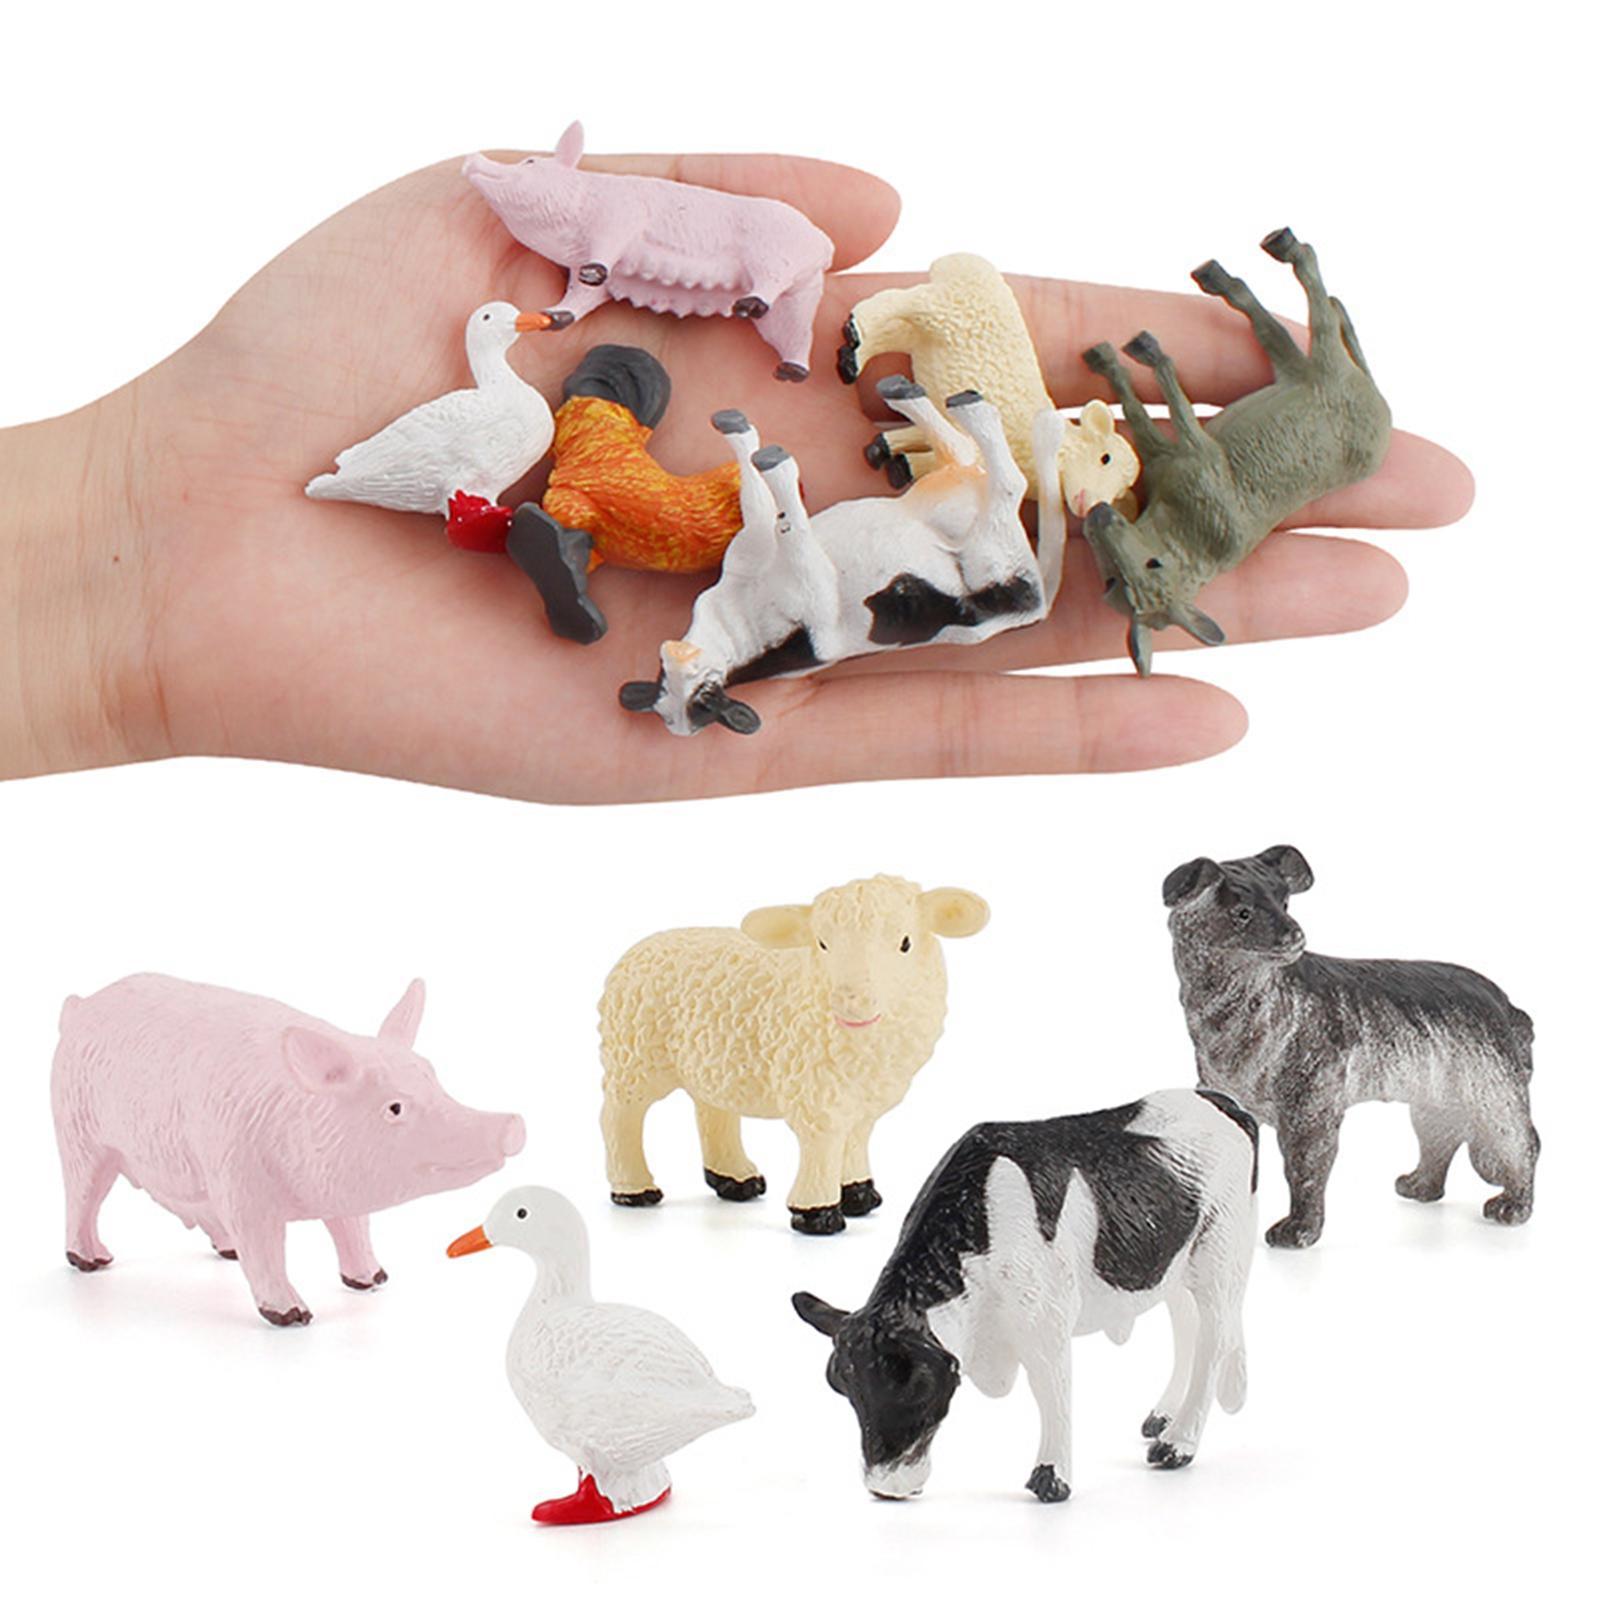 12 шт./компл., мини-украшение для сада с изображением животных из мультфильмов, фермы, птицы, ландшафта, детские развивающие игрушки, подарки д...